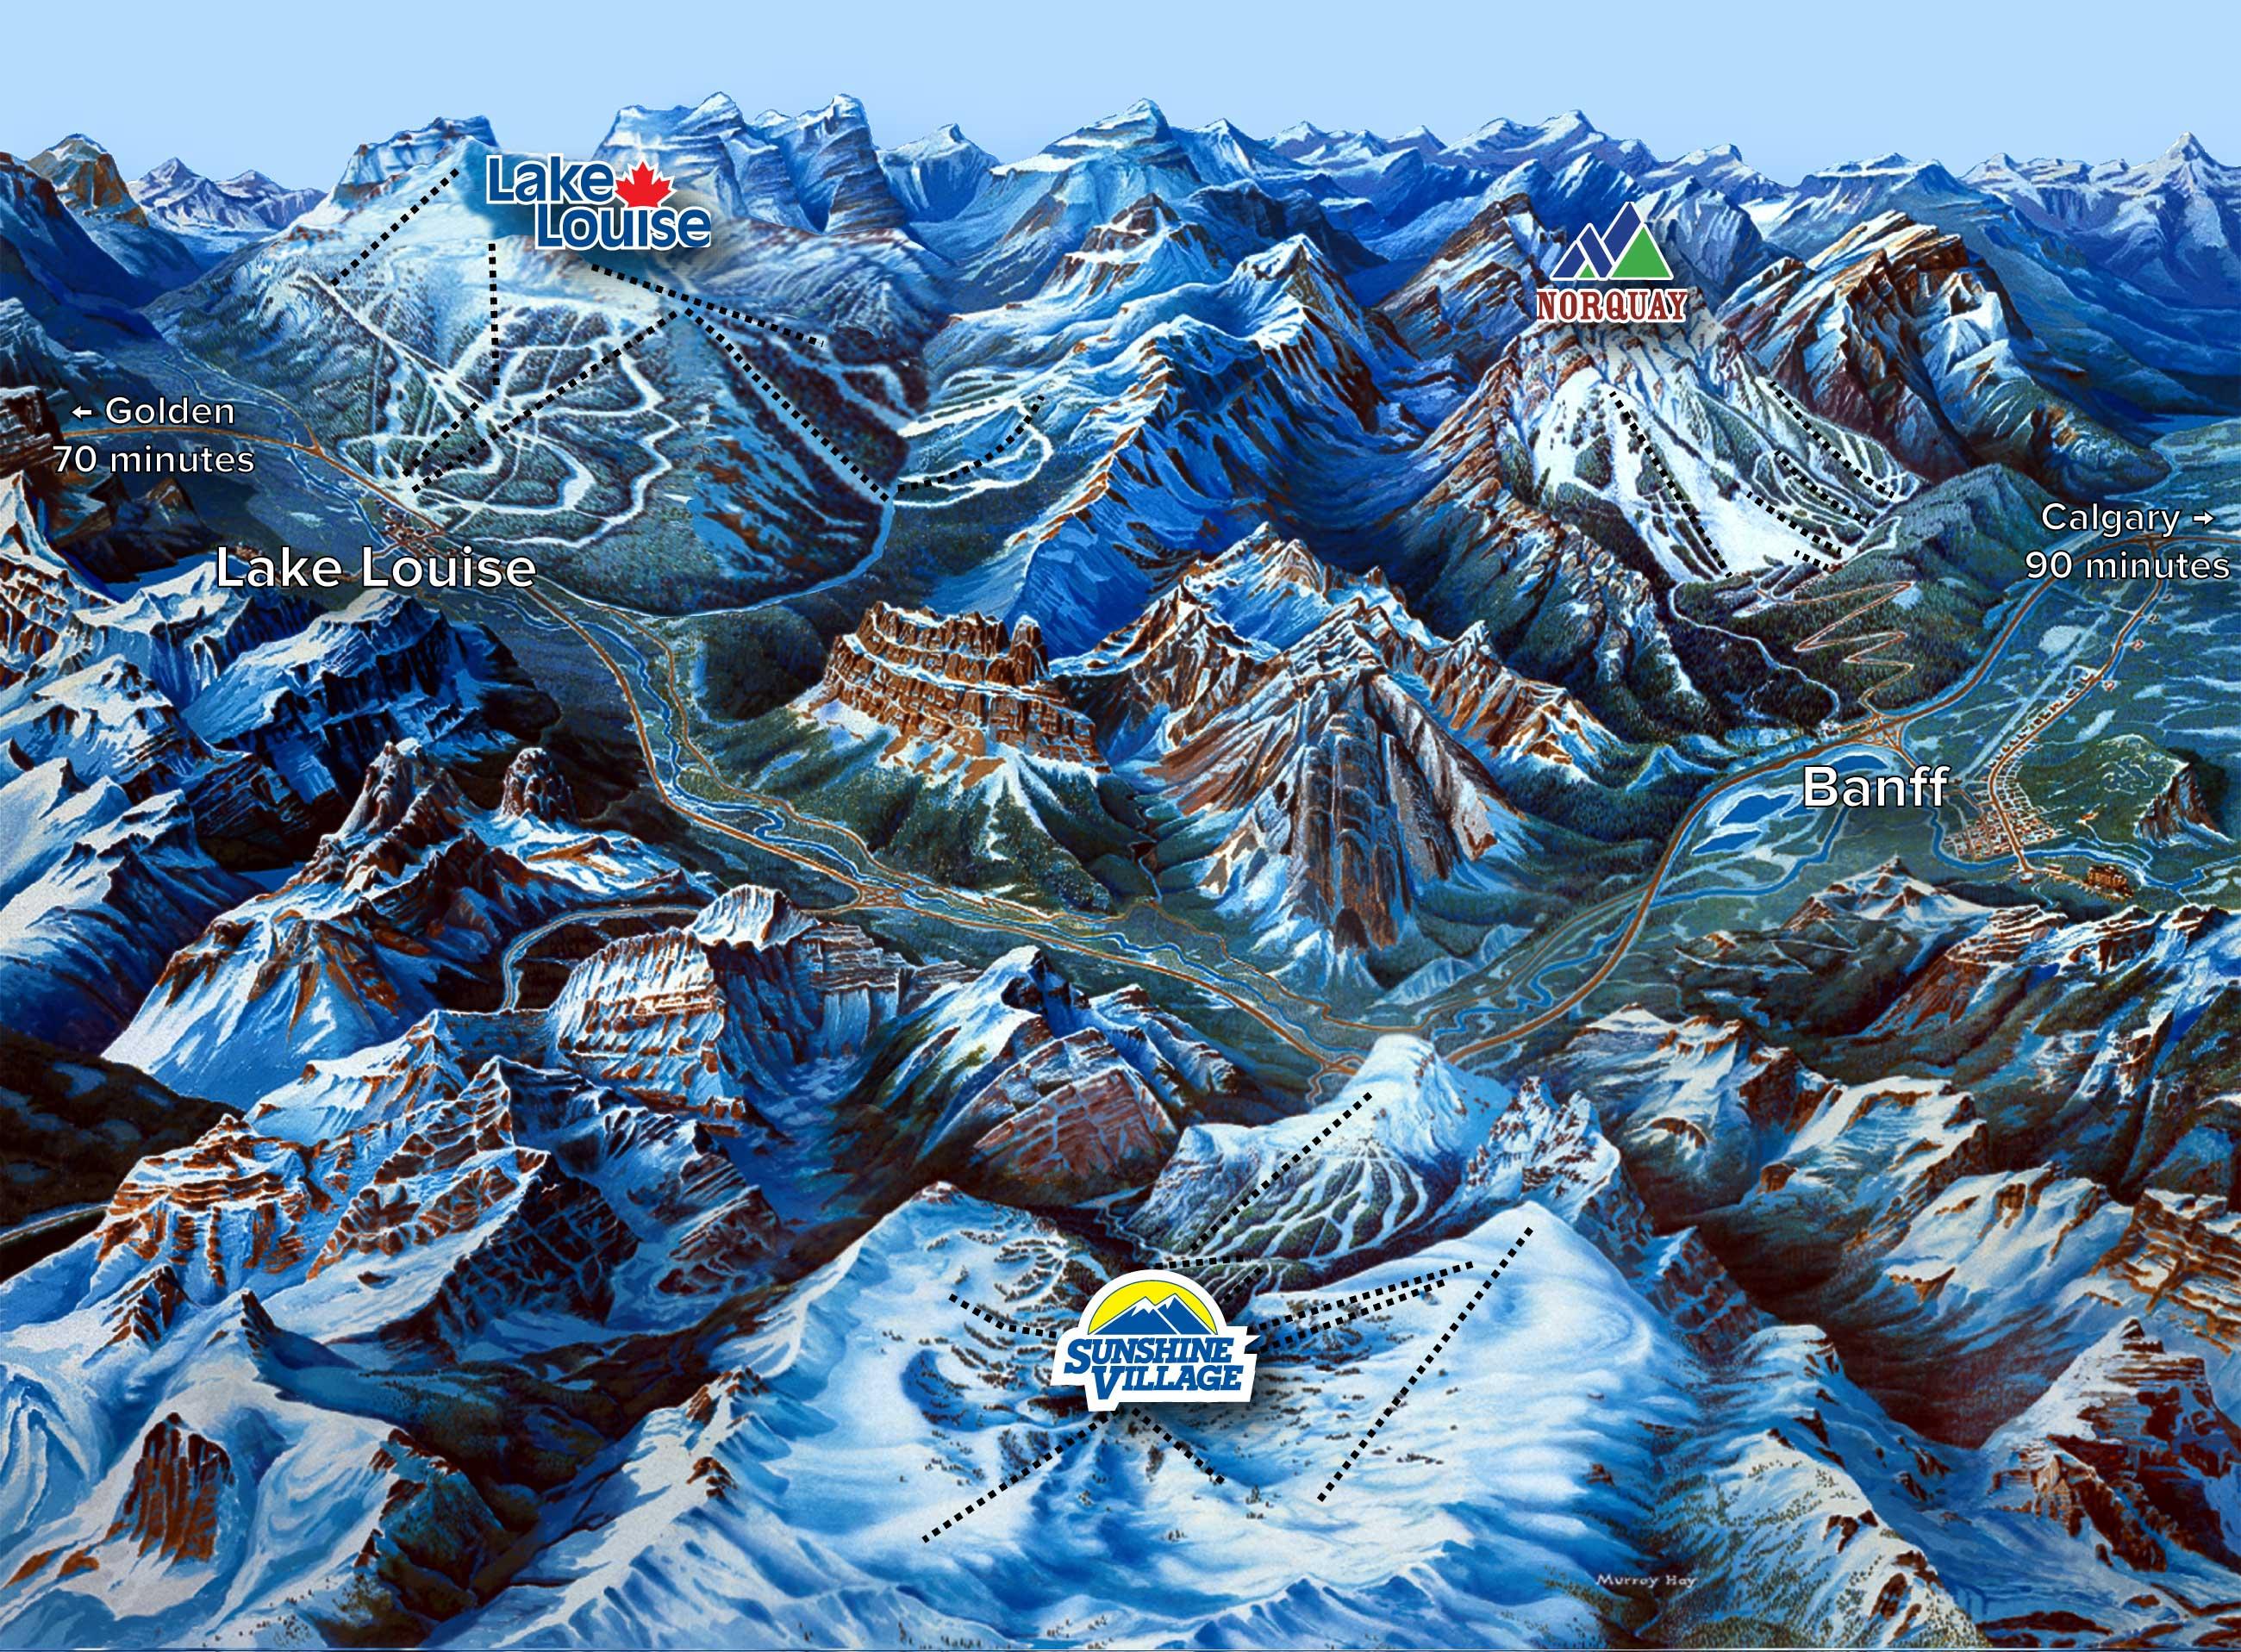 Op korte afstand van elkaar vind je de beide skigebieden van Banff en het skigebied van Lake Louise, een ideale combinatie voor een skisafari in Canada!